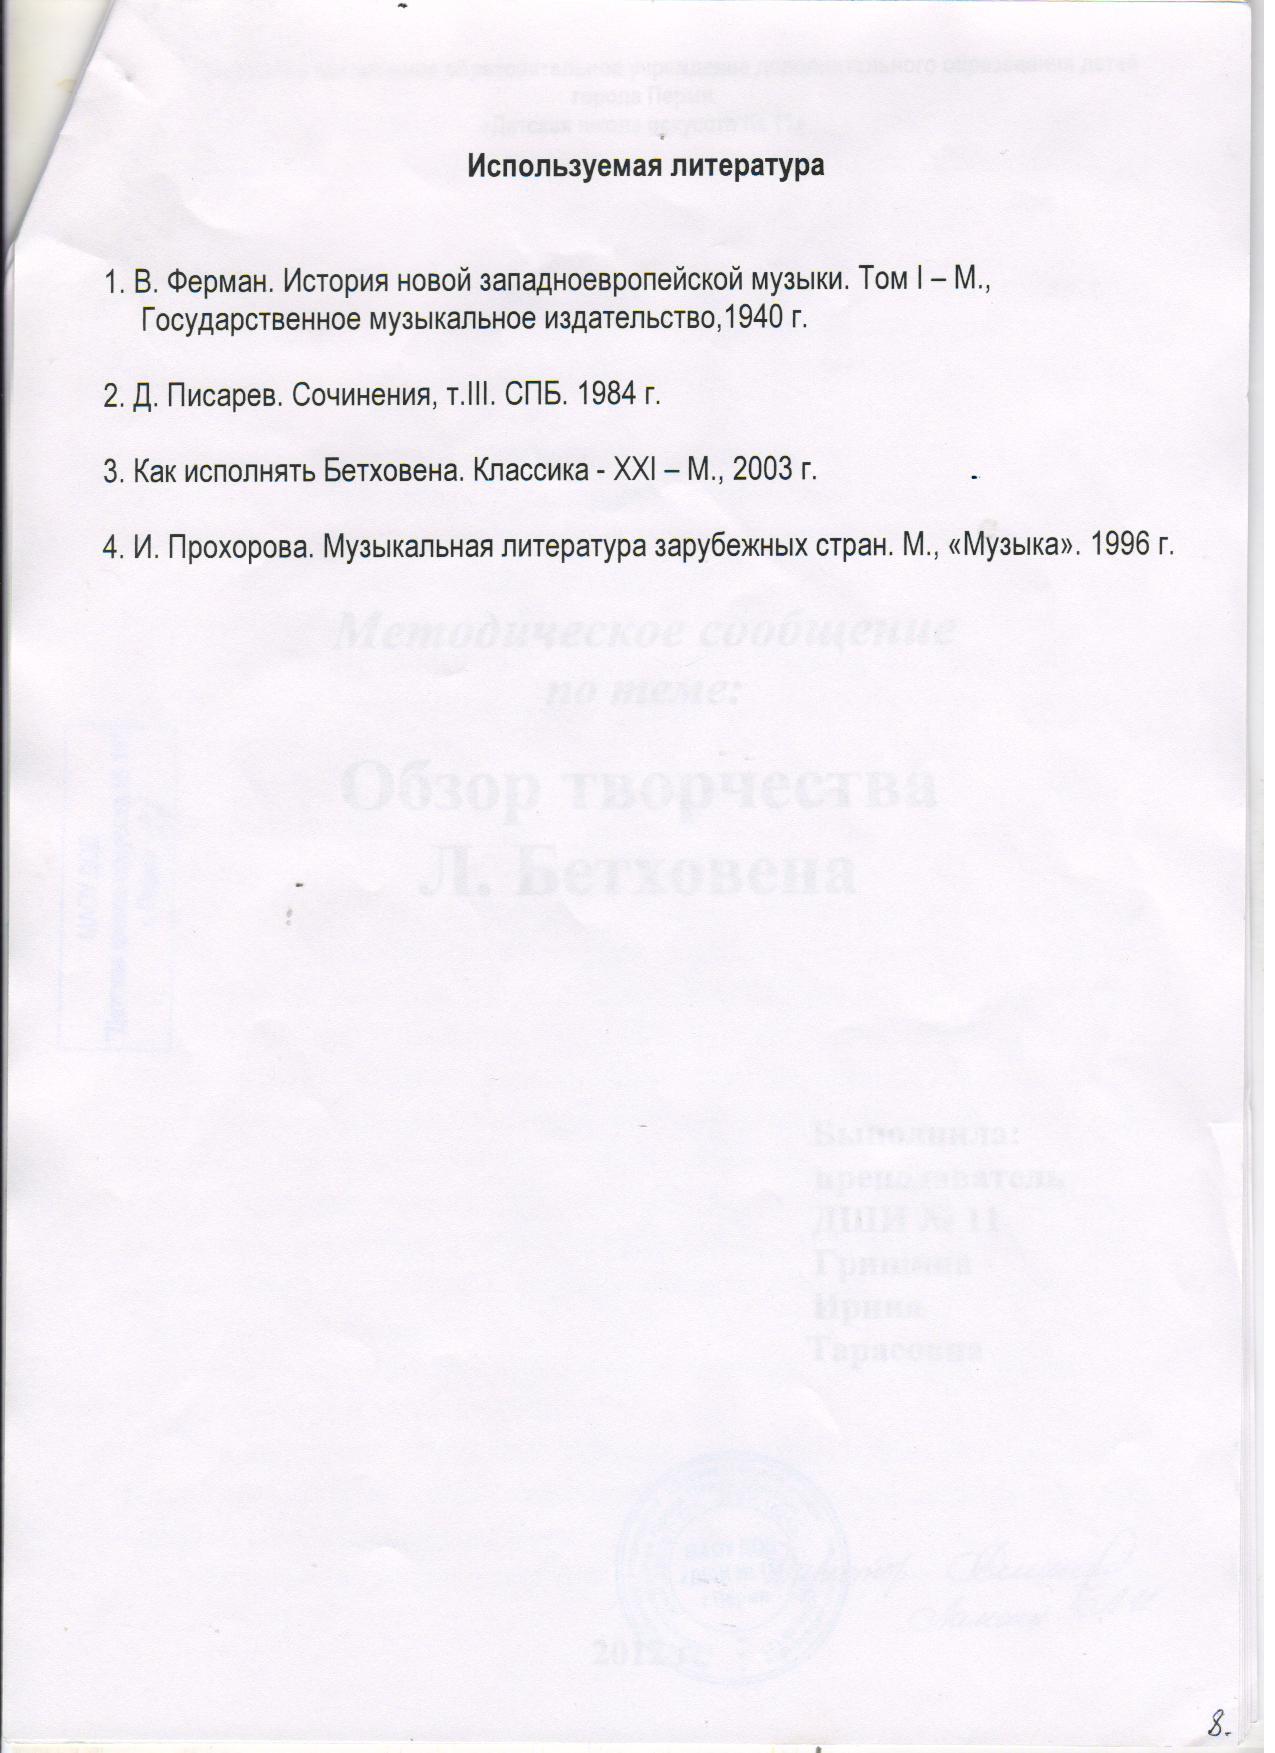 C:\Documents and Settings\Учитель\Рабочий стол\творчество Бетховена 001.jpg